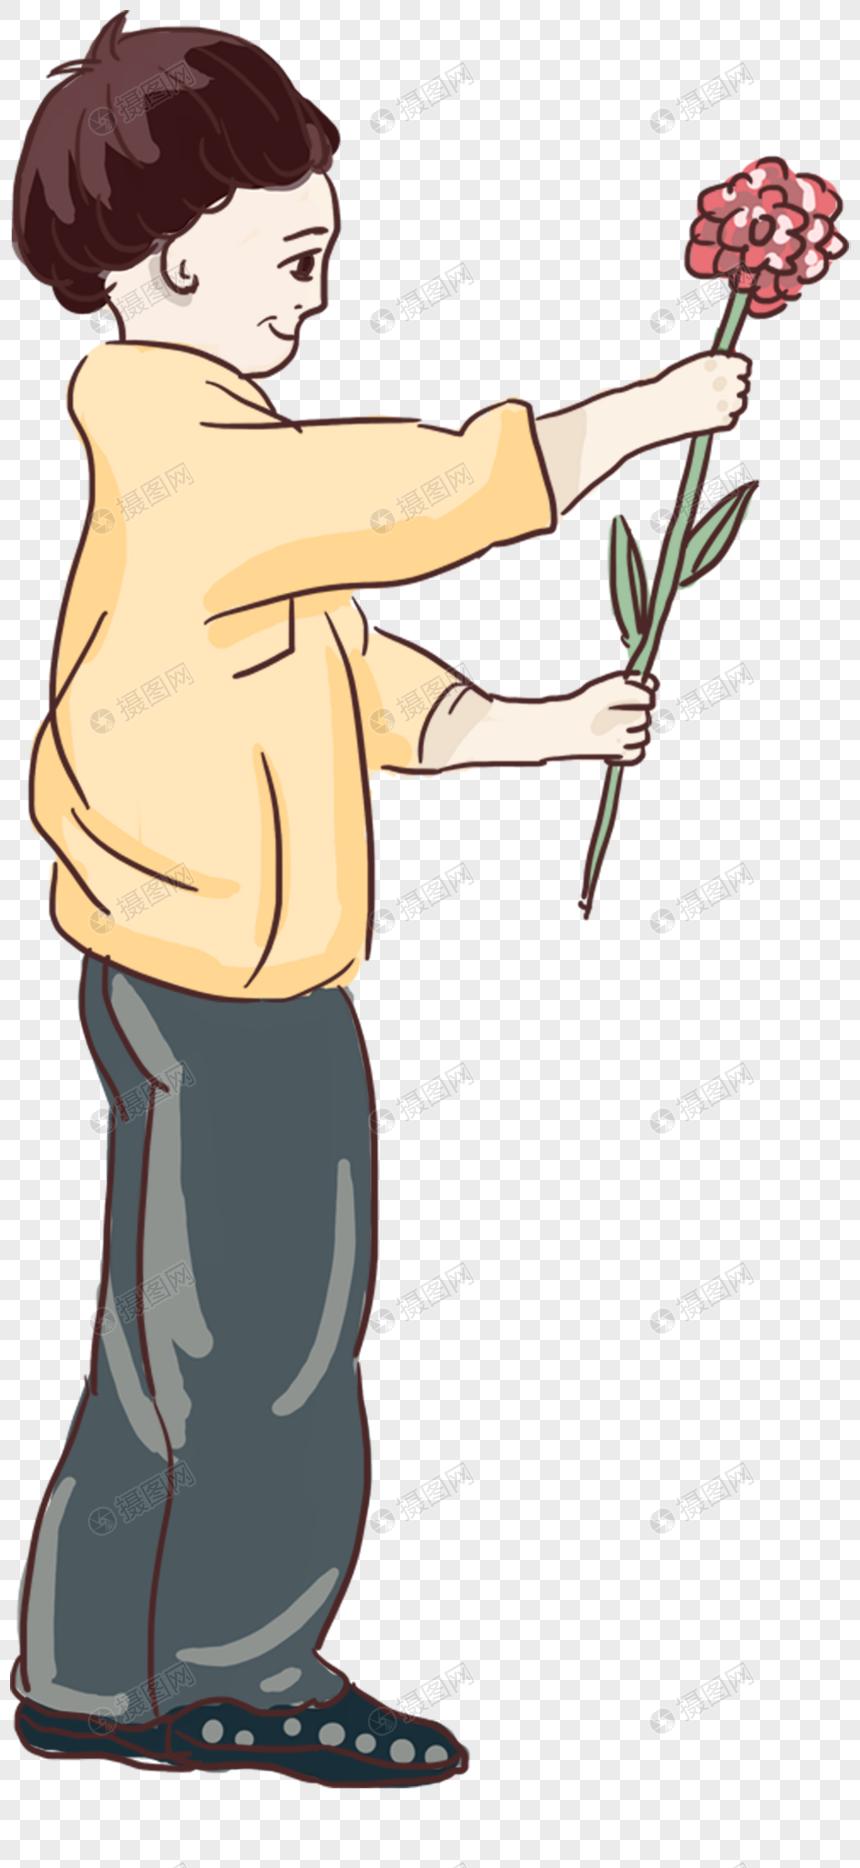 Волка, картинки мальчик дарит цветы а девочка держит биту